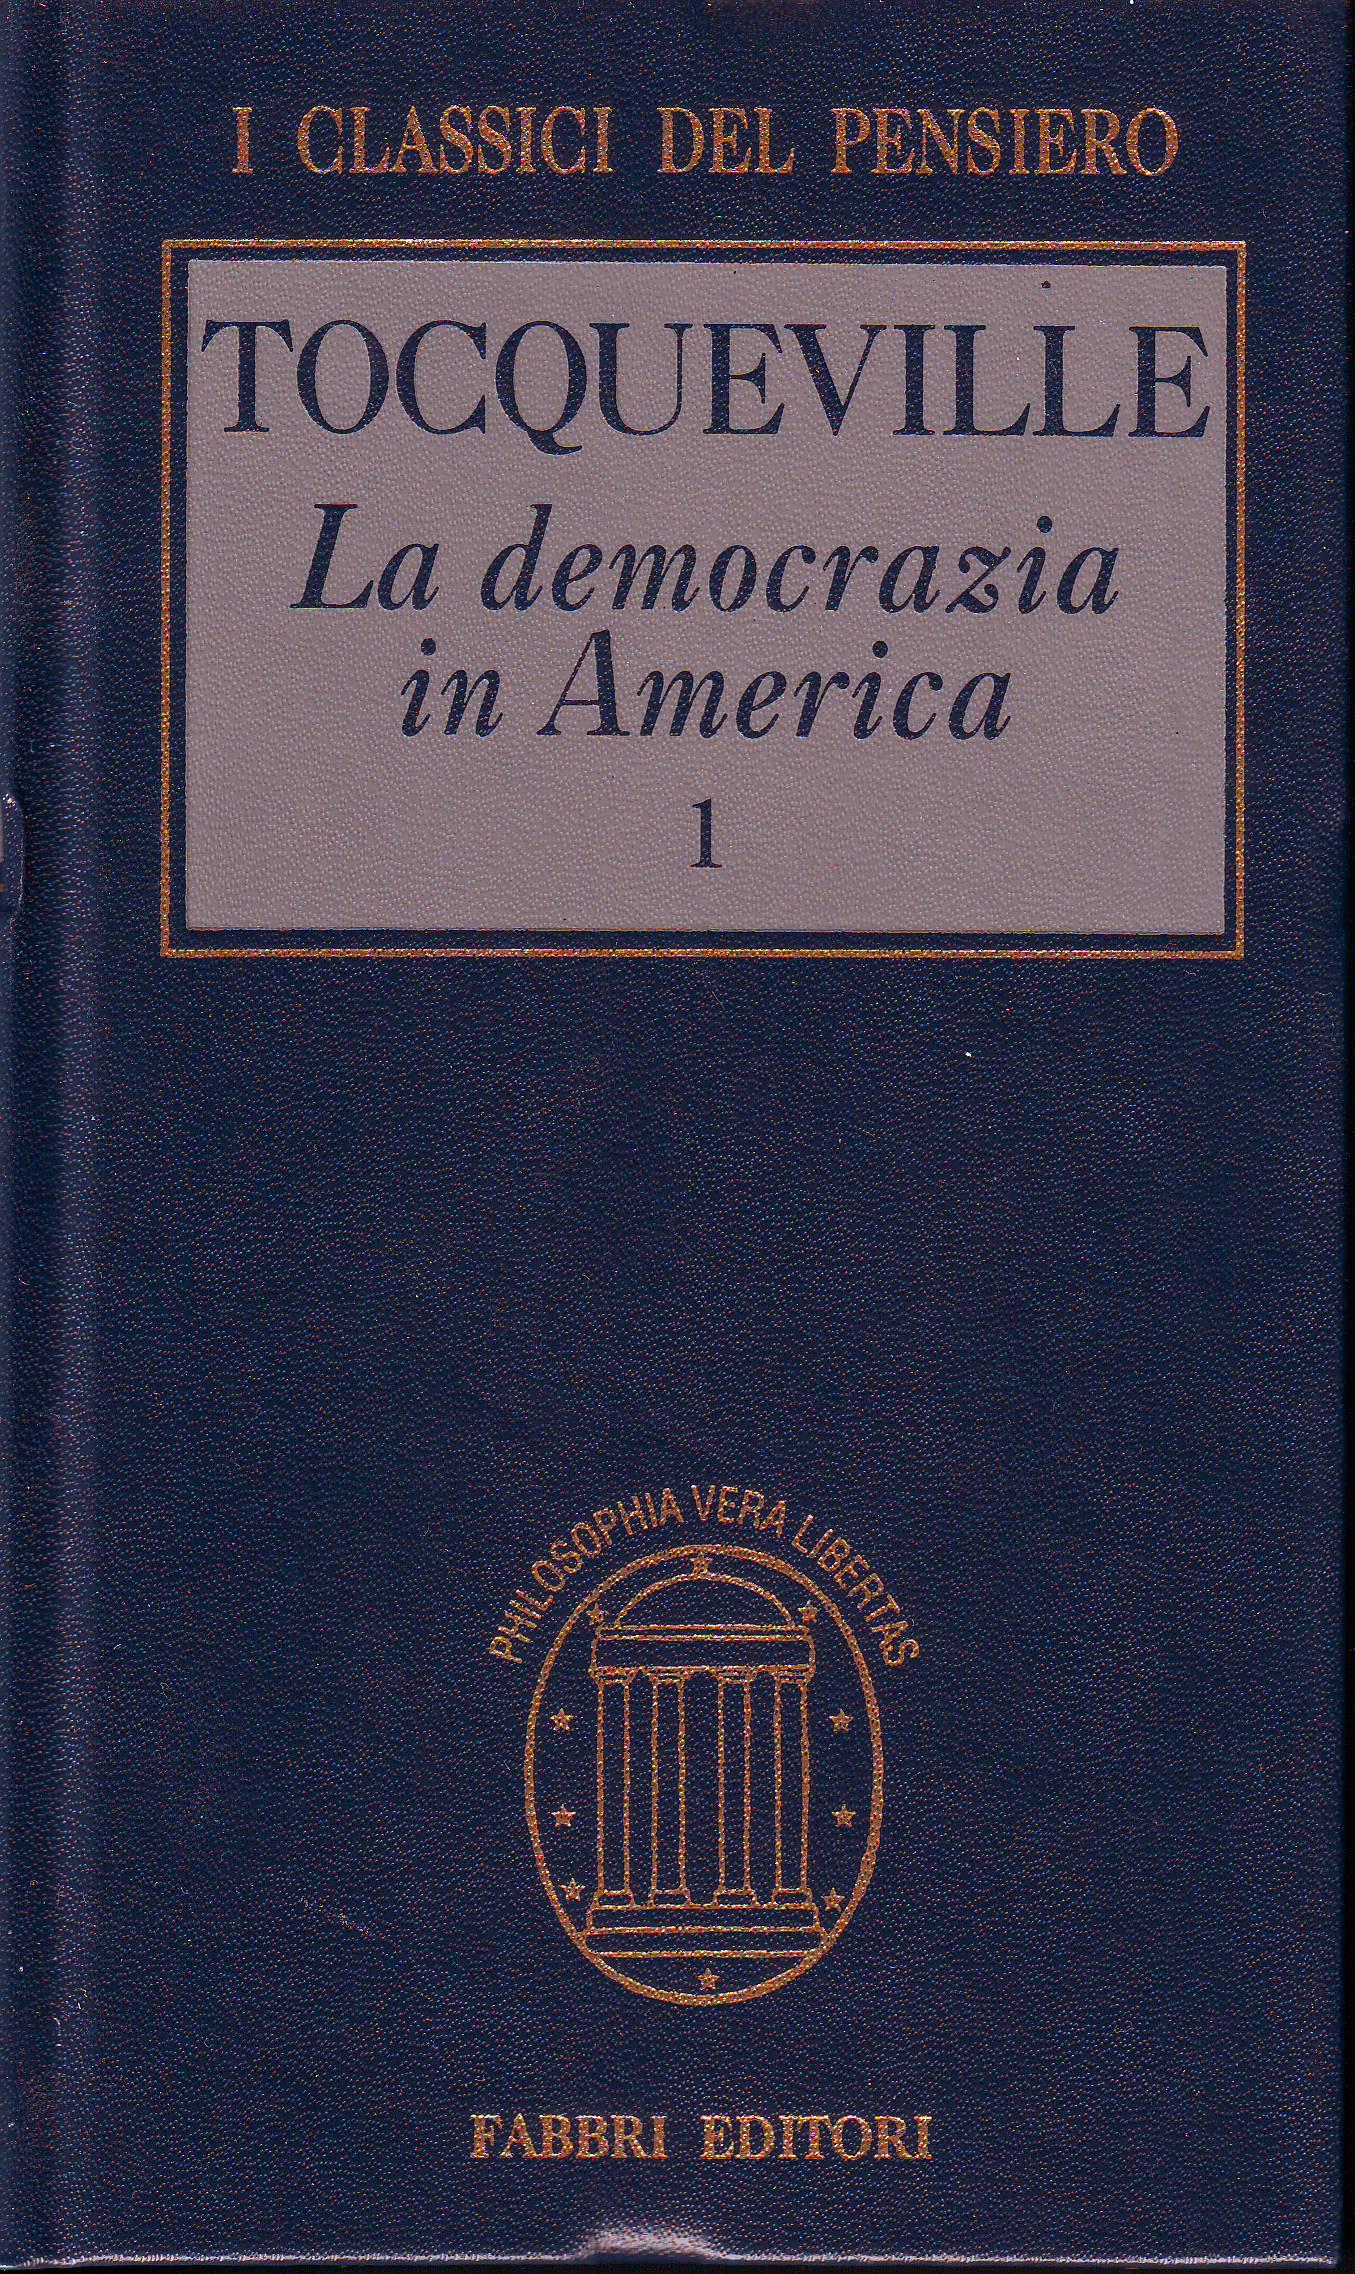 La democrazia in America vol.1